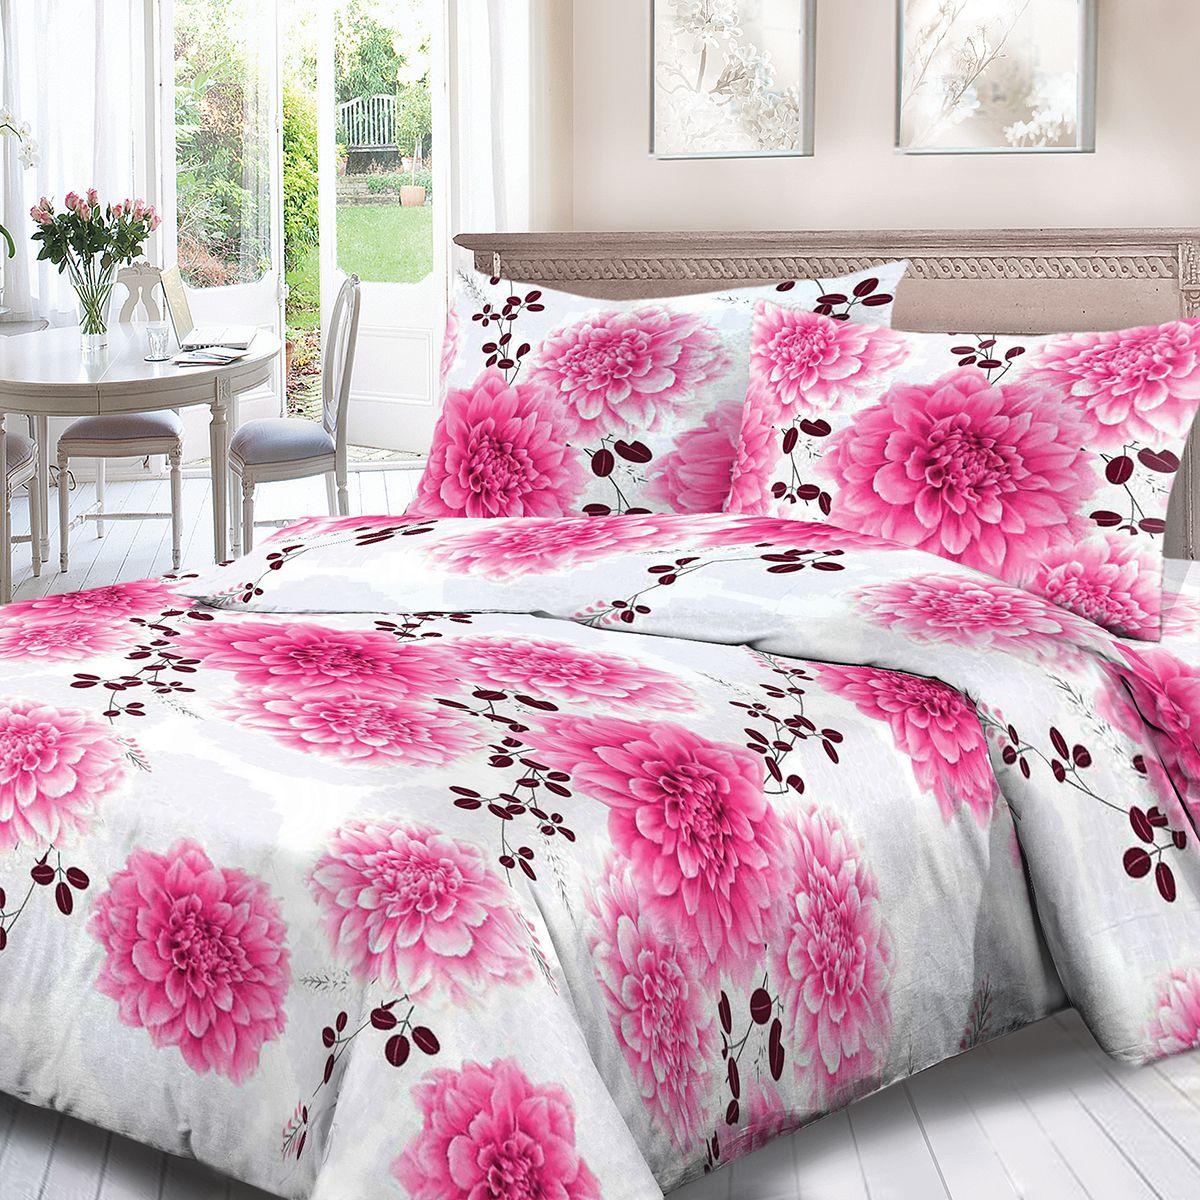 Комплект белья Для Снов Флер, евро, наволочки 70x70, цвет: розовый10503Постельное белье из высококачественного поплина ( Ткань Традиция) , в составе которого находится только 100% мерсеризованный хлопок - это идеальный выбор современной женщины. Мерсеризация подчеркивает лучшие свойства хлопка:- Ткань прочнее обычной, при этом мягкая и шелковистая;- Цвета яркие и устойчивые;- Высокая гигроскопичность;- Меньше мнется, не линяет и не садится при многократных стирках;При производстве используются только безопасные красители ведущего швейцарского производителя BEZEMAКоллекция отличается тщательно проработанными современными дизайнами, разделенными на тематические группы. Созданные талантливыми европейскими и российскими художниками, они поражают своей нежной красотой, а восхитительная упаковка придает комплекту подарочный вид. Плотность ткани: 110 г/м.кв.